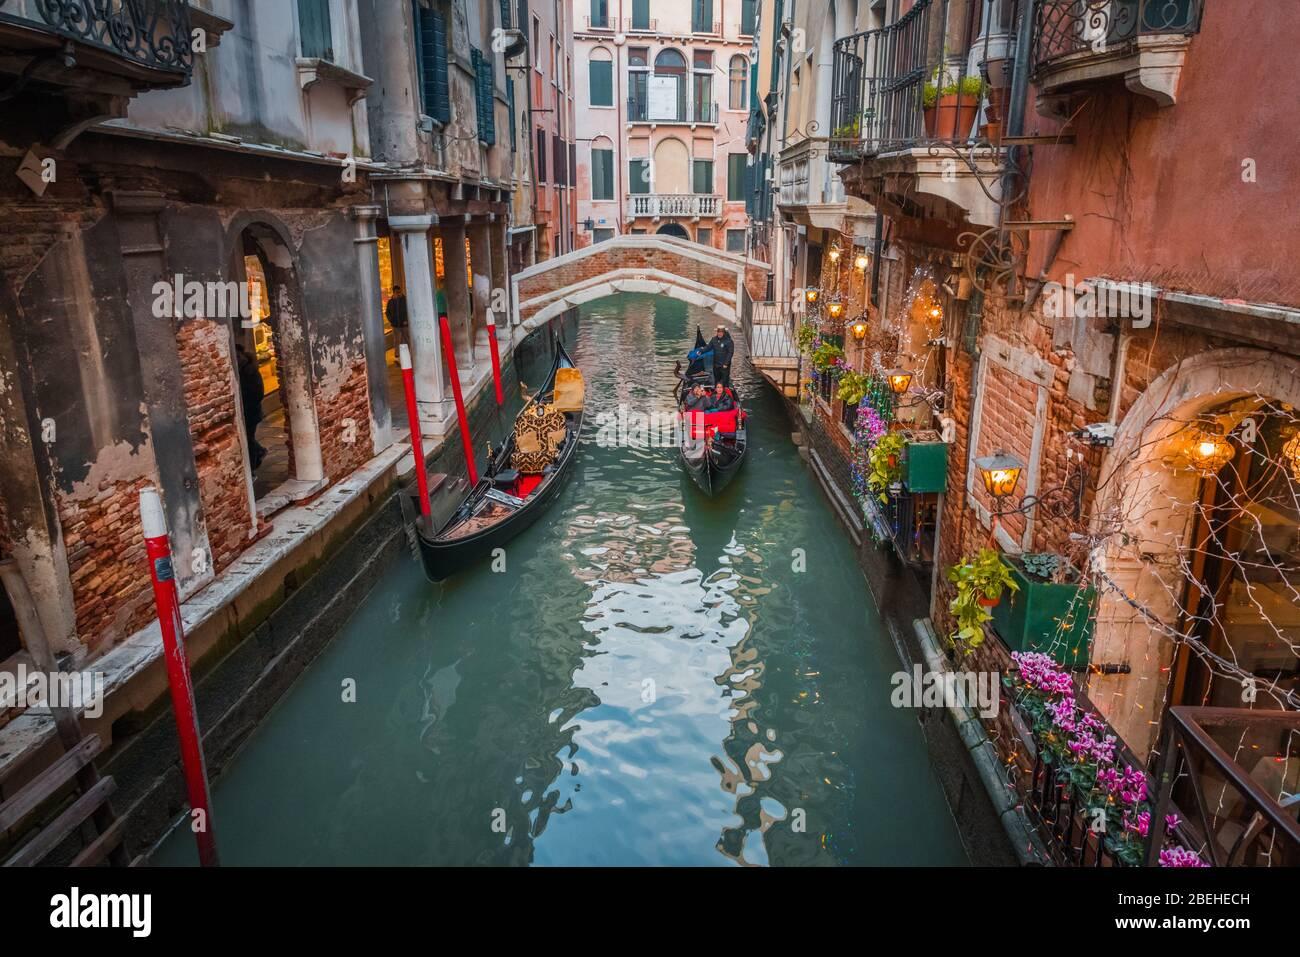 VENEDIG, VENETIEN / ITALIEN - DEZEMBER 26 2019: Blick auf die Straßen Venedigs vor der COVID-19-Epidemie Stockfoto